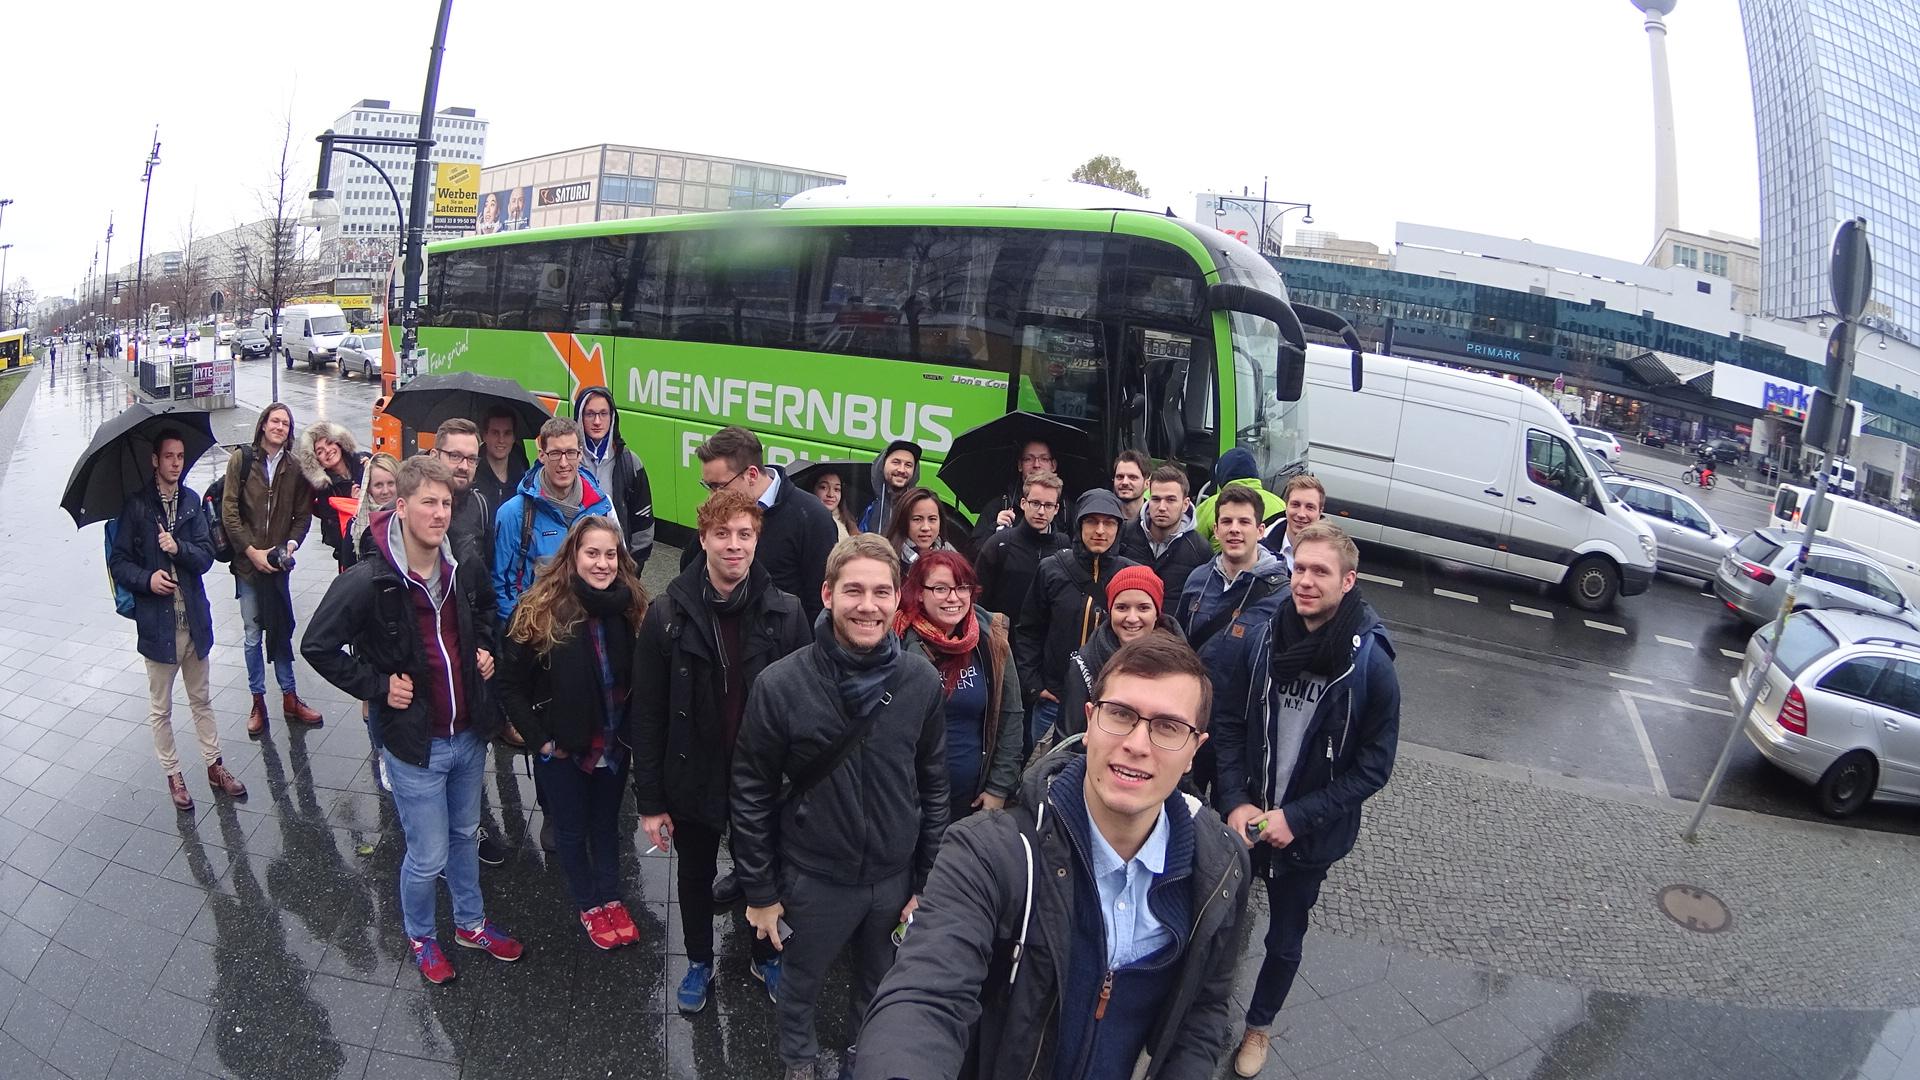 Die Teilnehmer der GründerTour #5 des GründerGarten Dresden